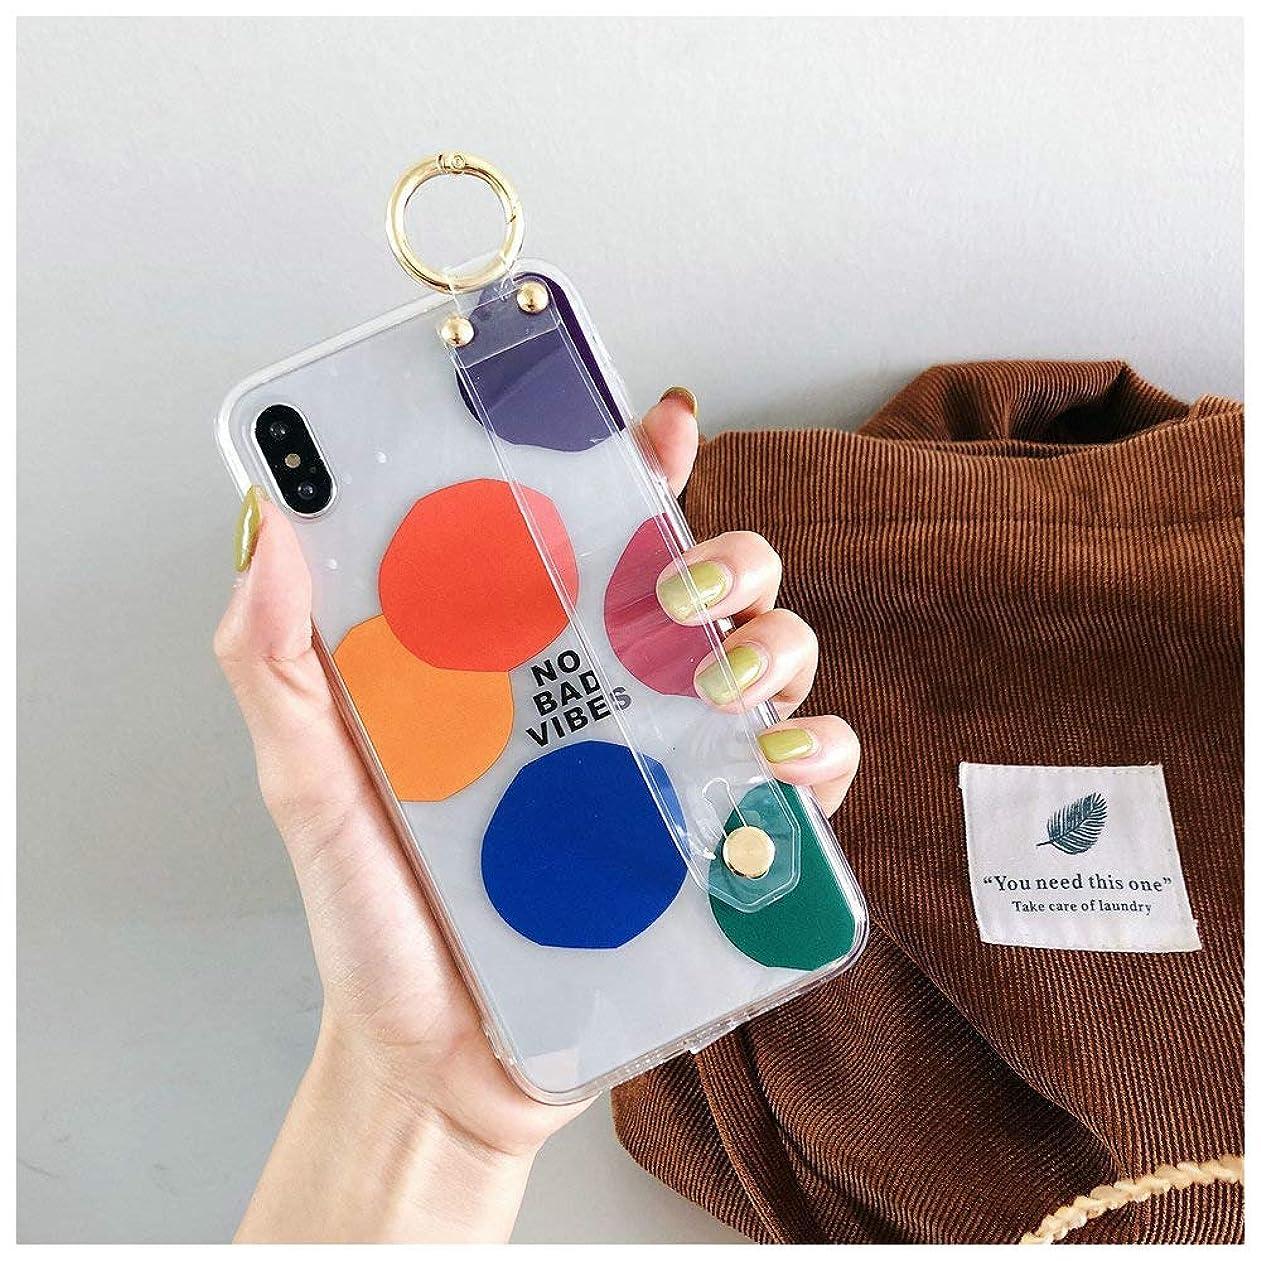 コイル農業切手iPhone ケース レディース メンズ 携帯ケース iPhone7/8,iPhone7Plus/8Plus,iPhone X/XS,iPhoneXR/MAX (iPhone XR ケース)